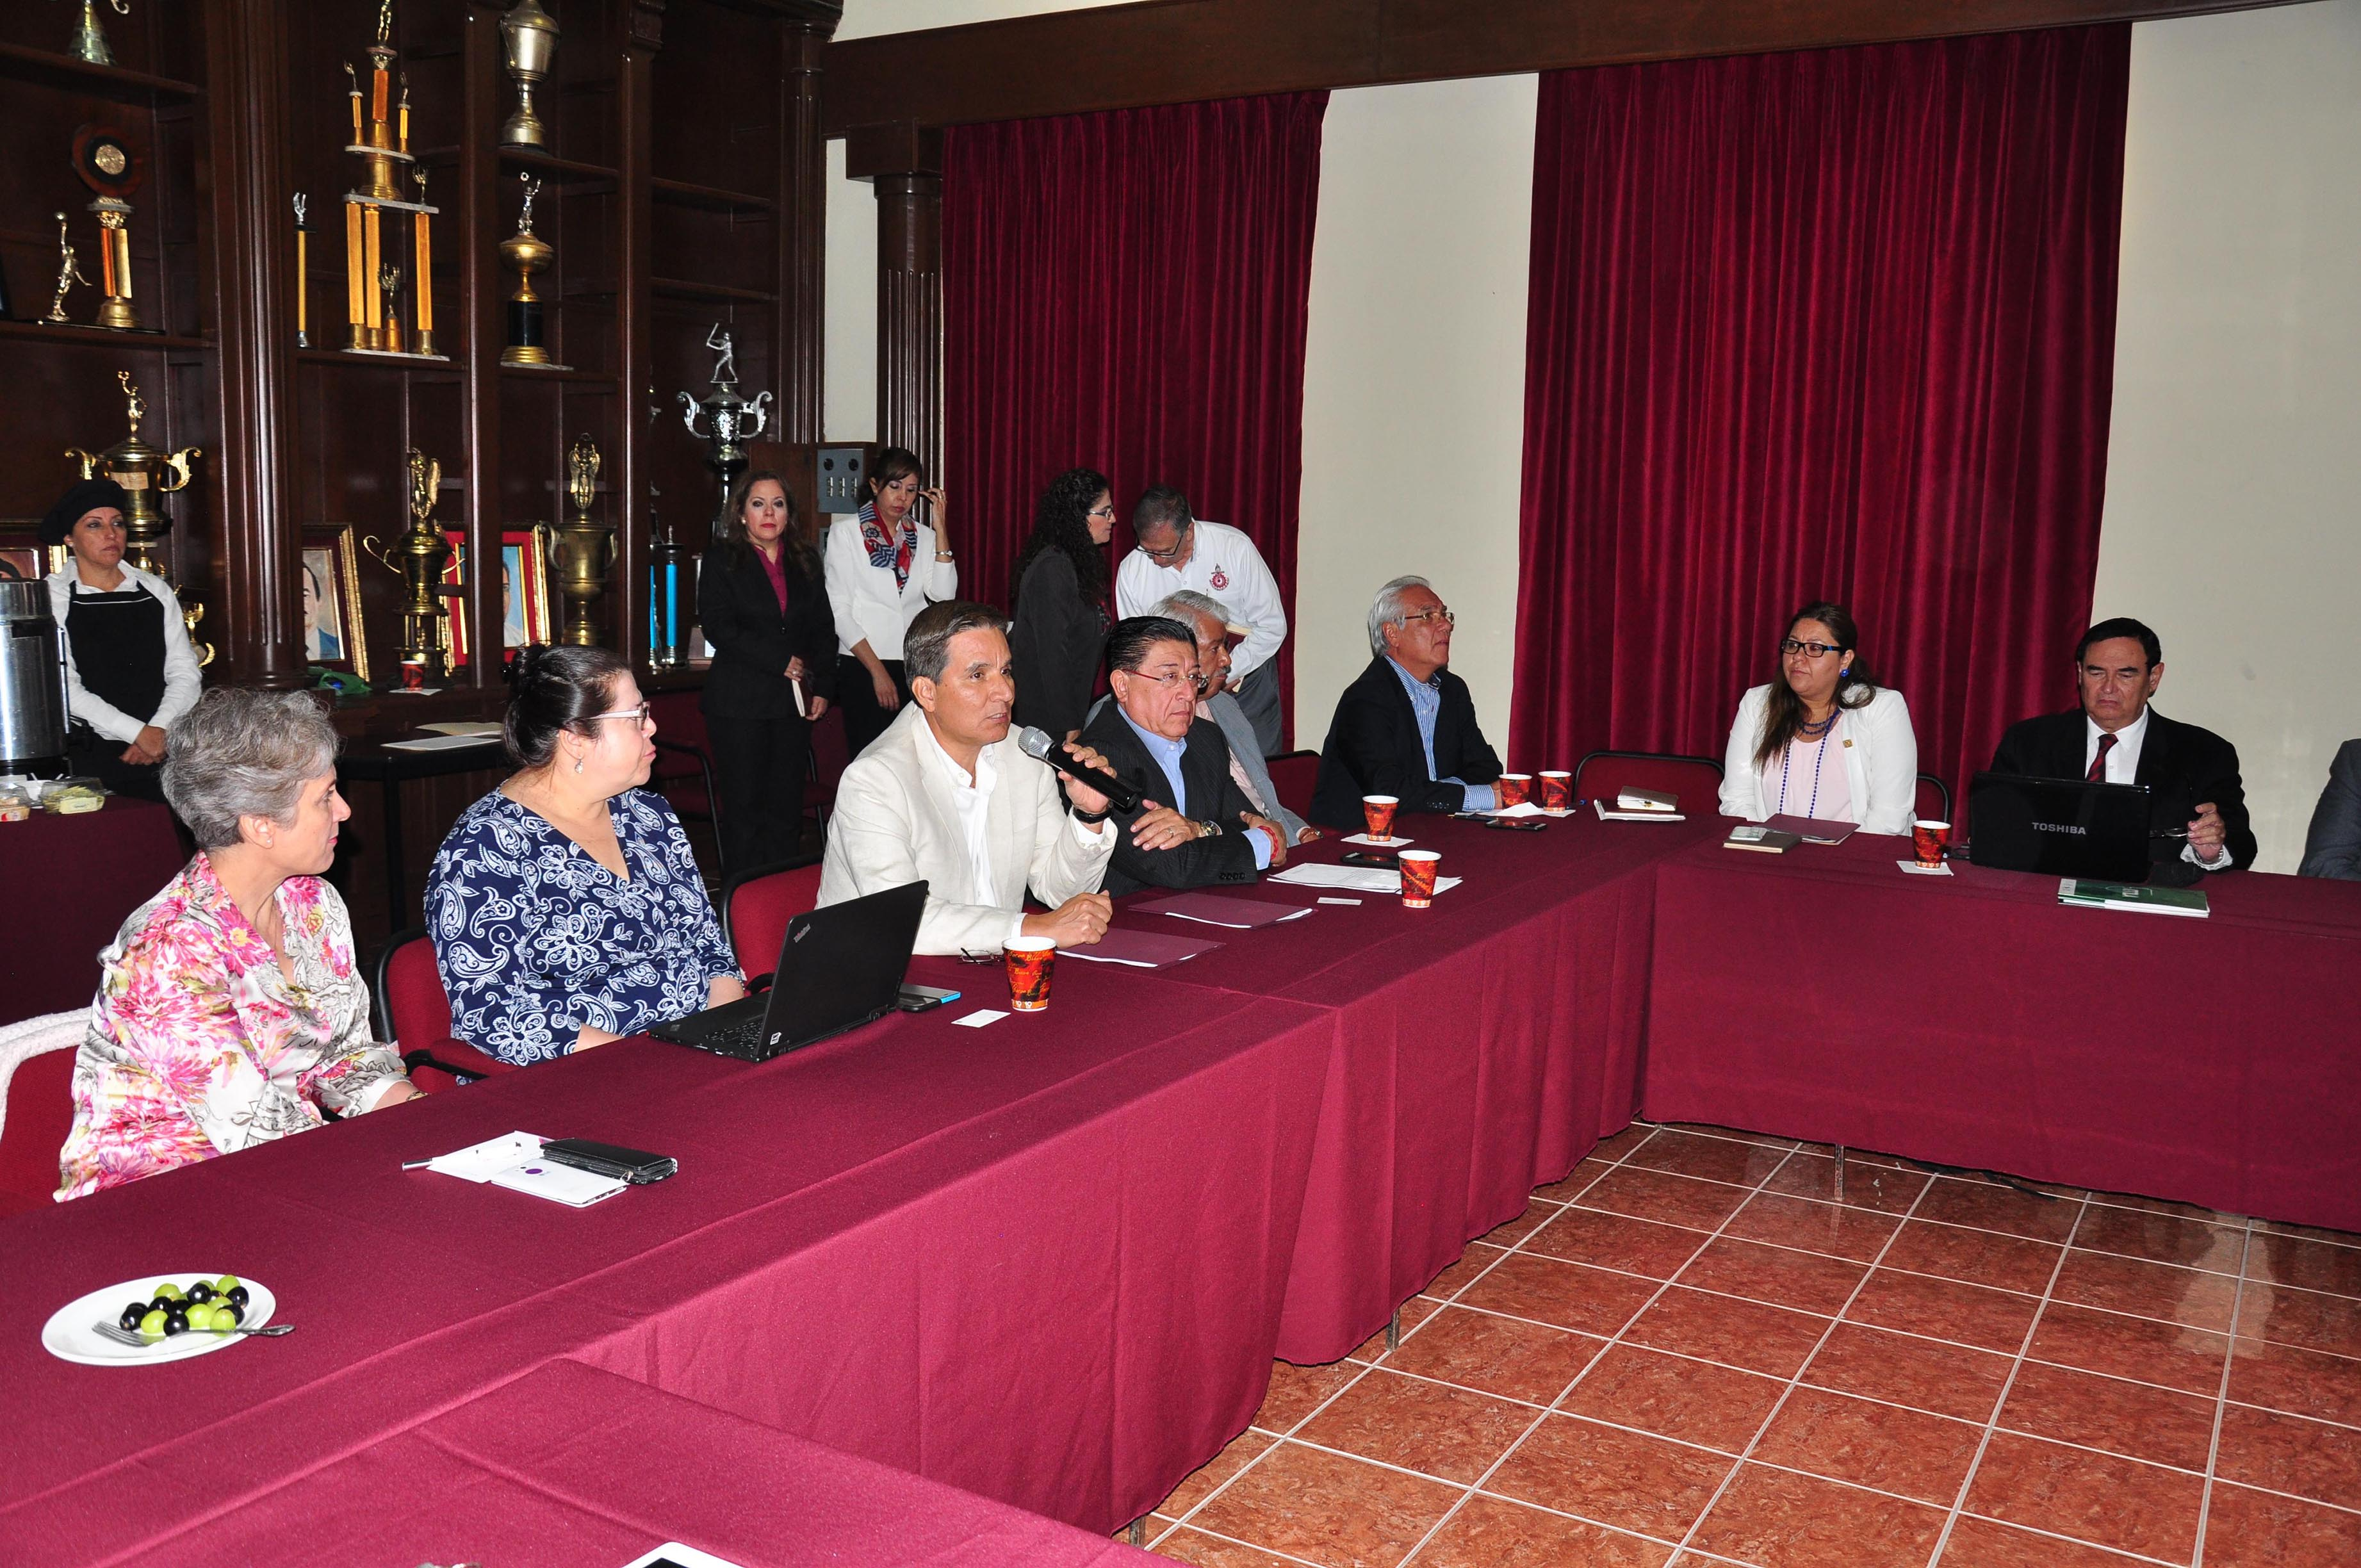 La vinculación del TecNM con el sector empresarial sólida y productiva, basada en la confianza mutua para fomentar un México más competitivo.